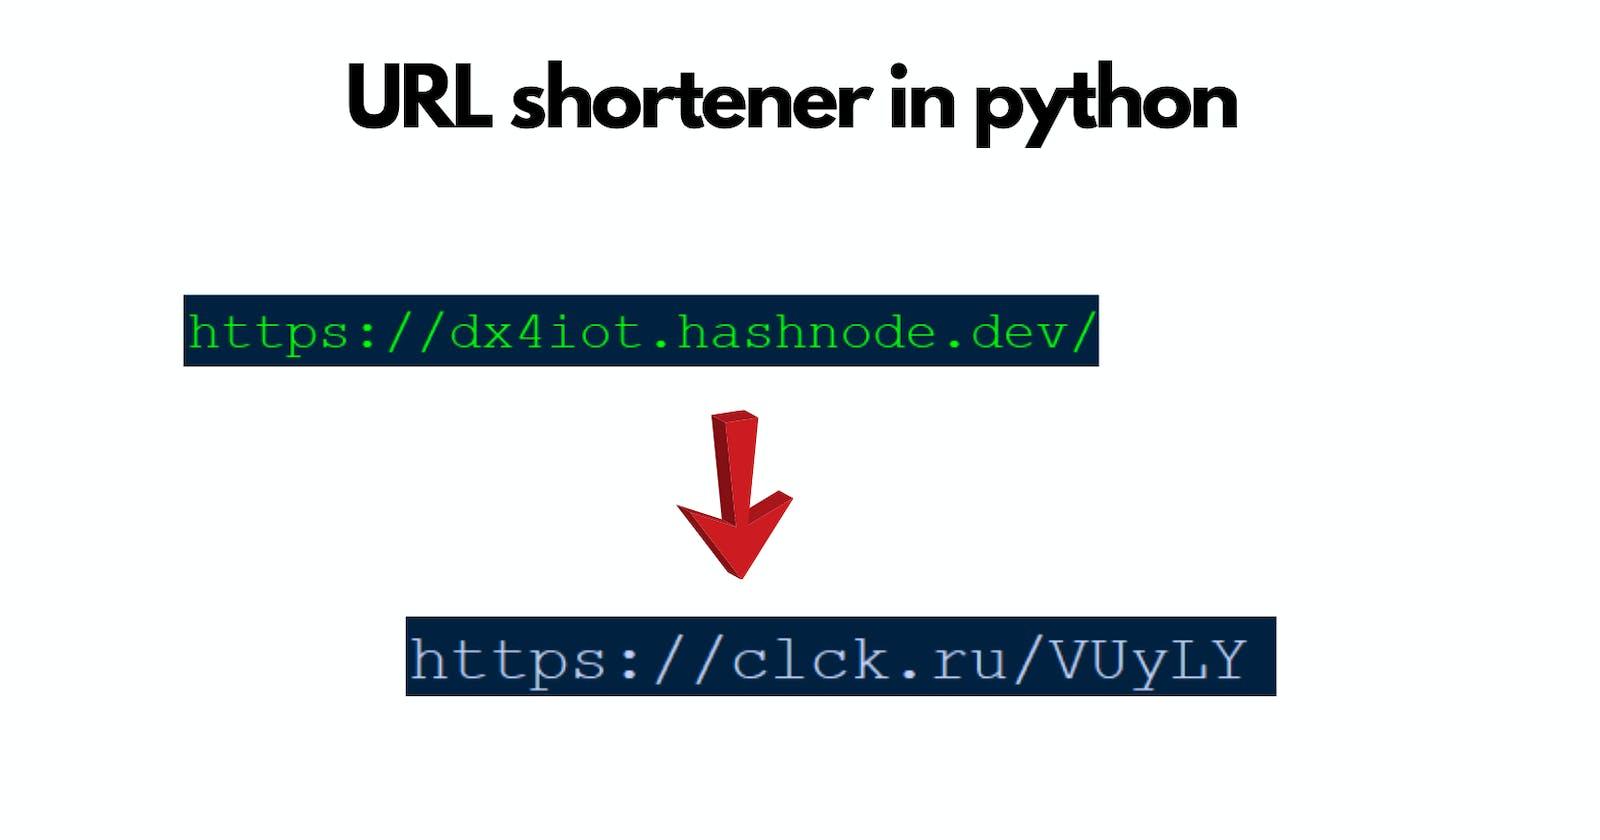 URL shortener in python